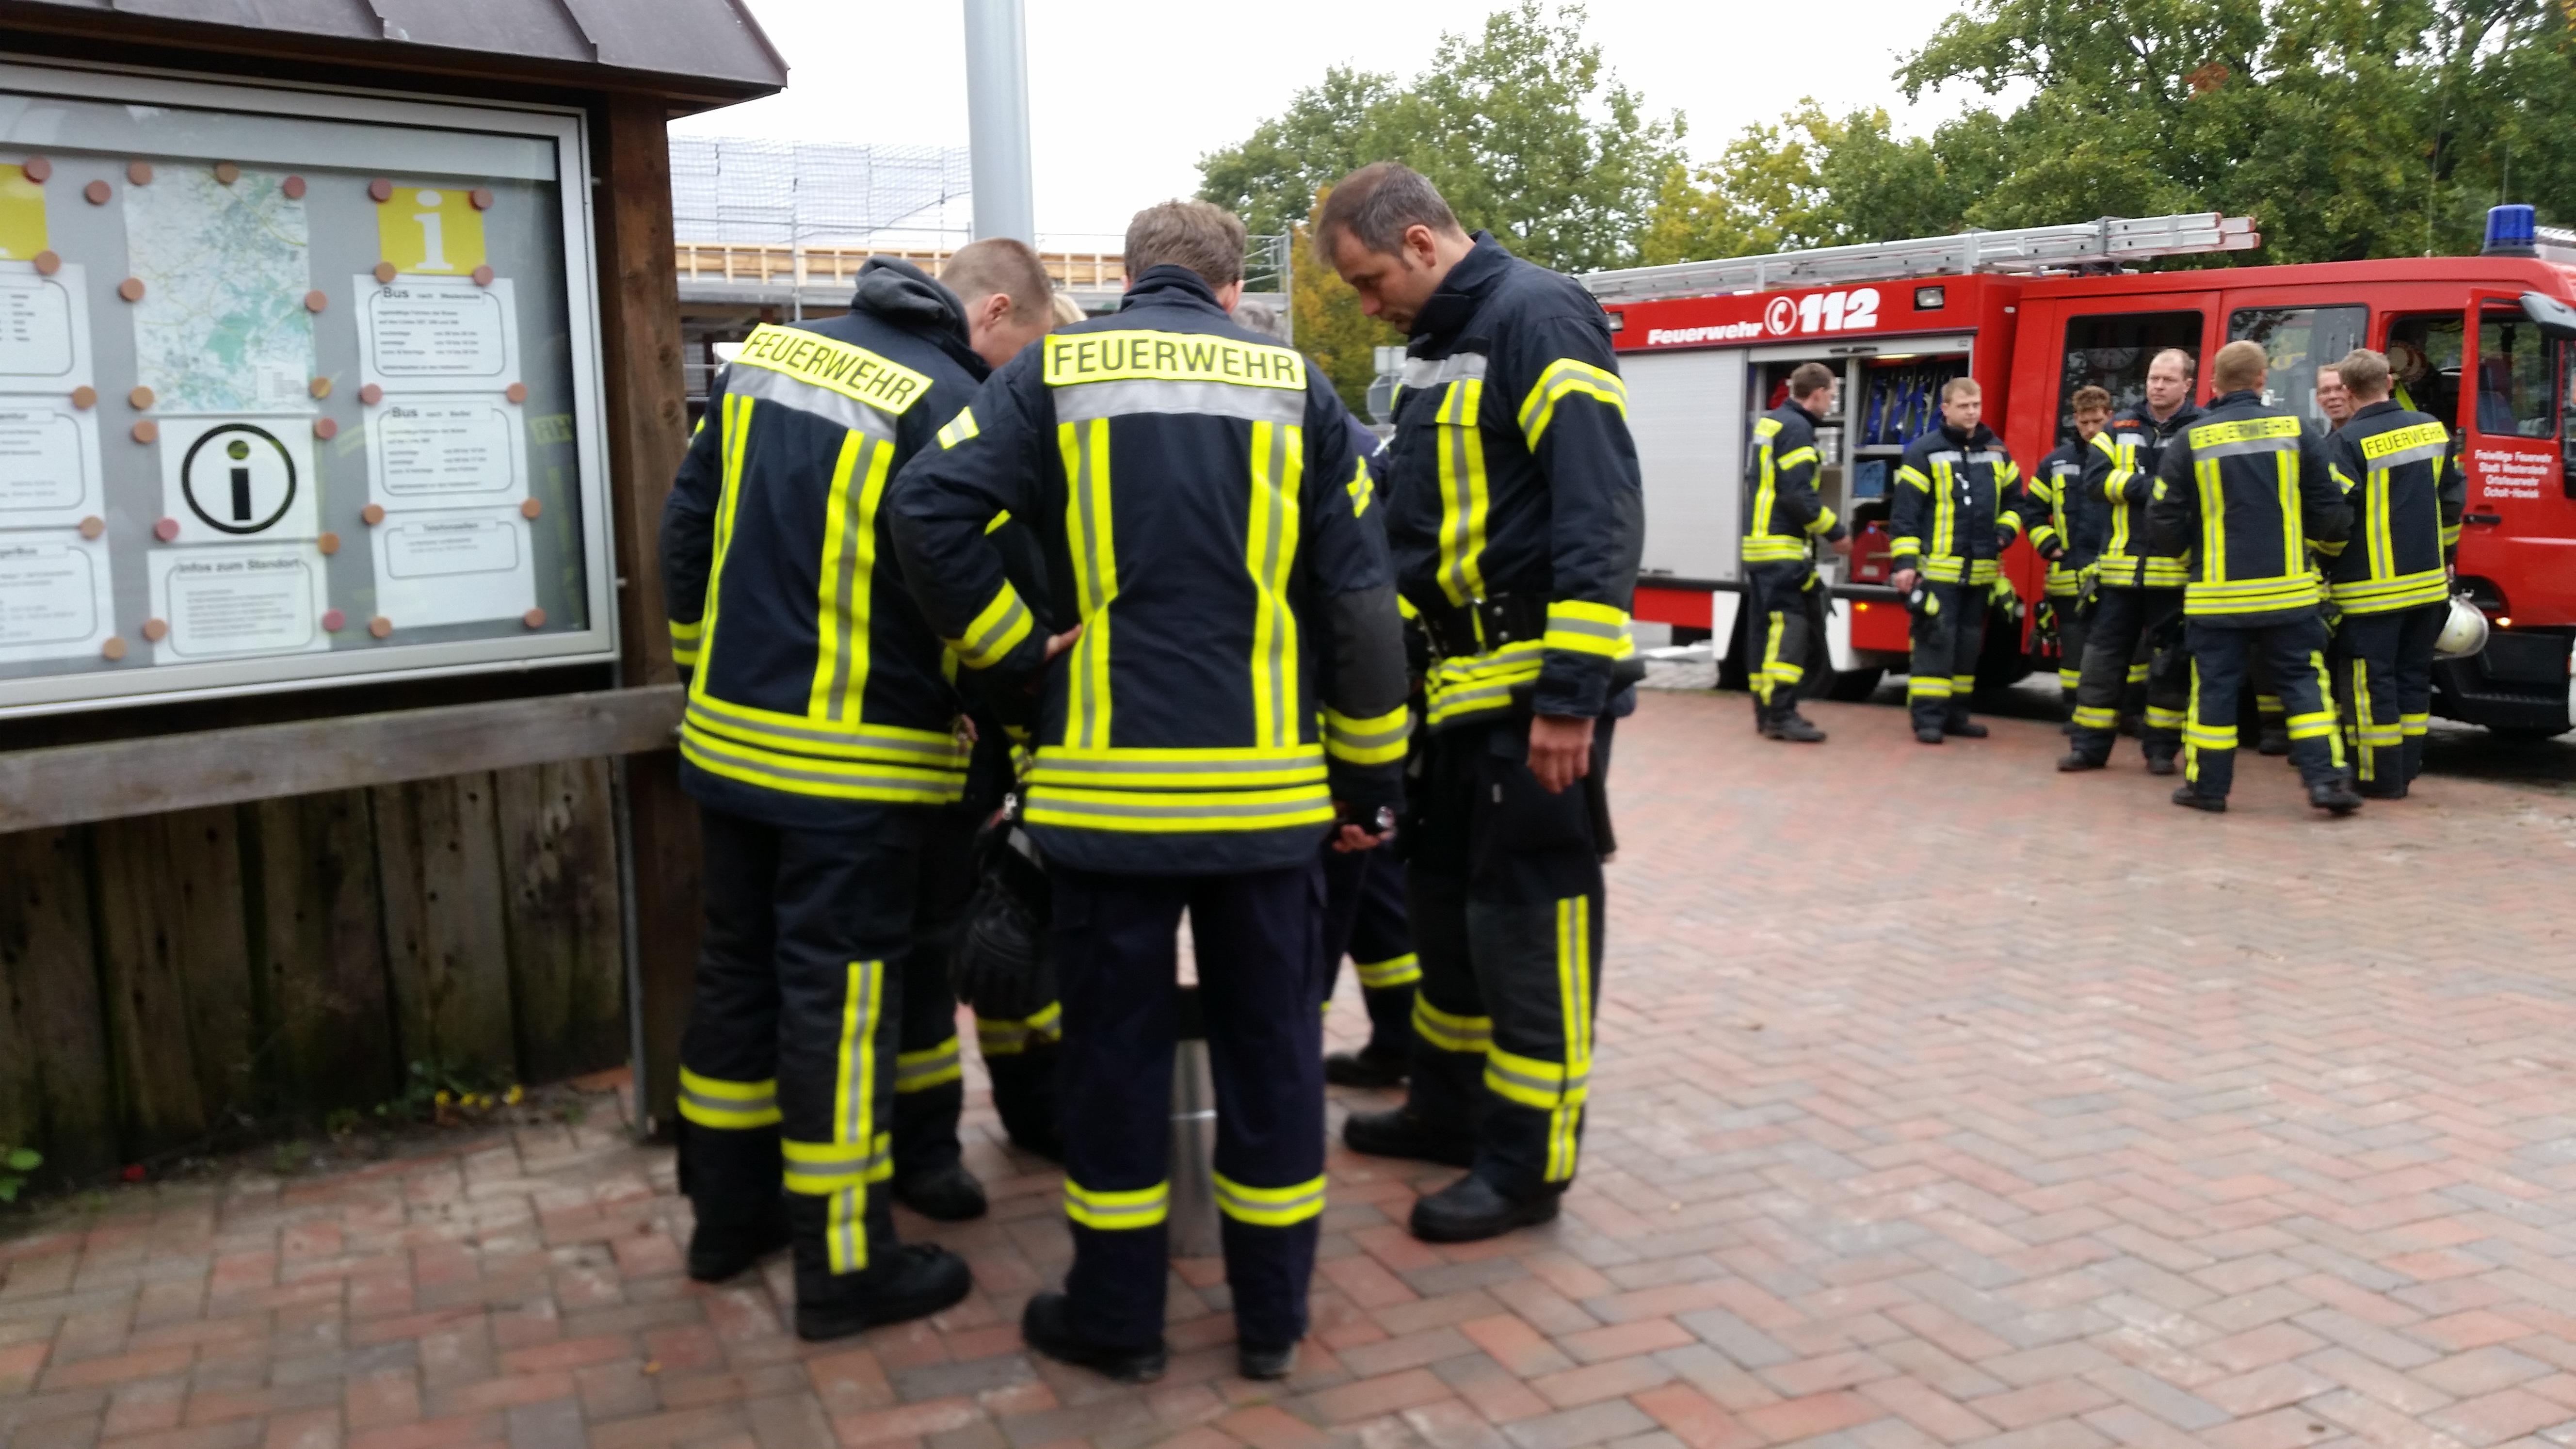 Am 17.10.2015 um 16:24 Uhr – Kleinbrand FW — Brennt Mülleimer im Gebäude